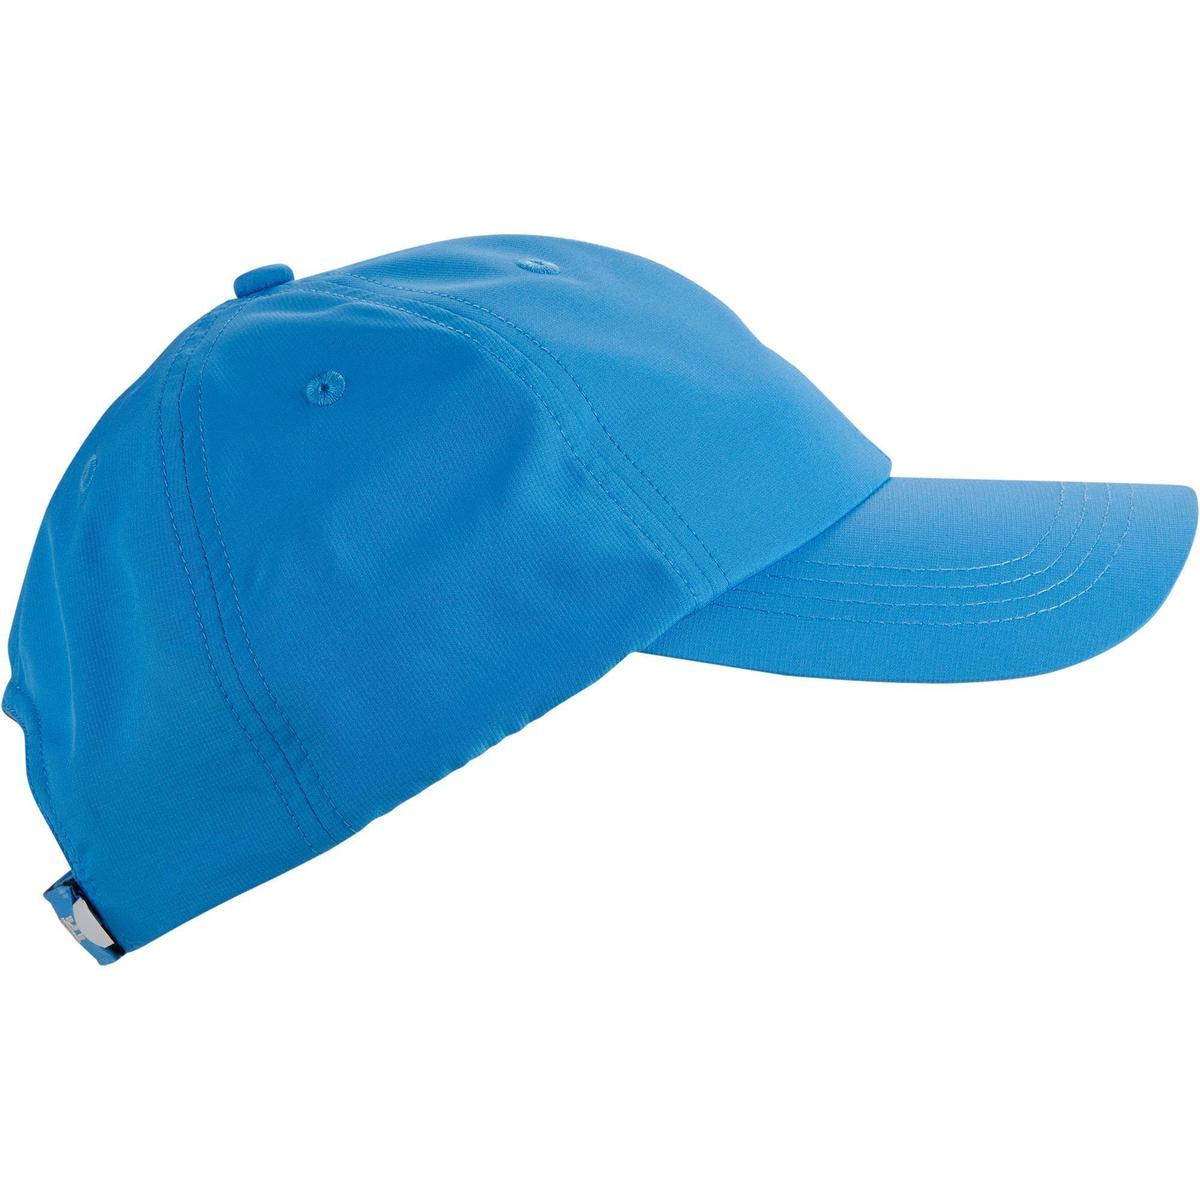 Bild 3 von Golf Cap Erwachsene blau